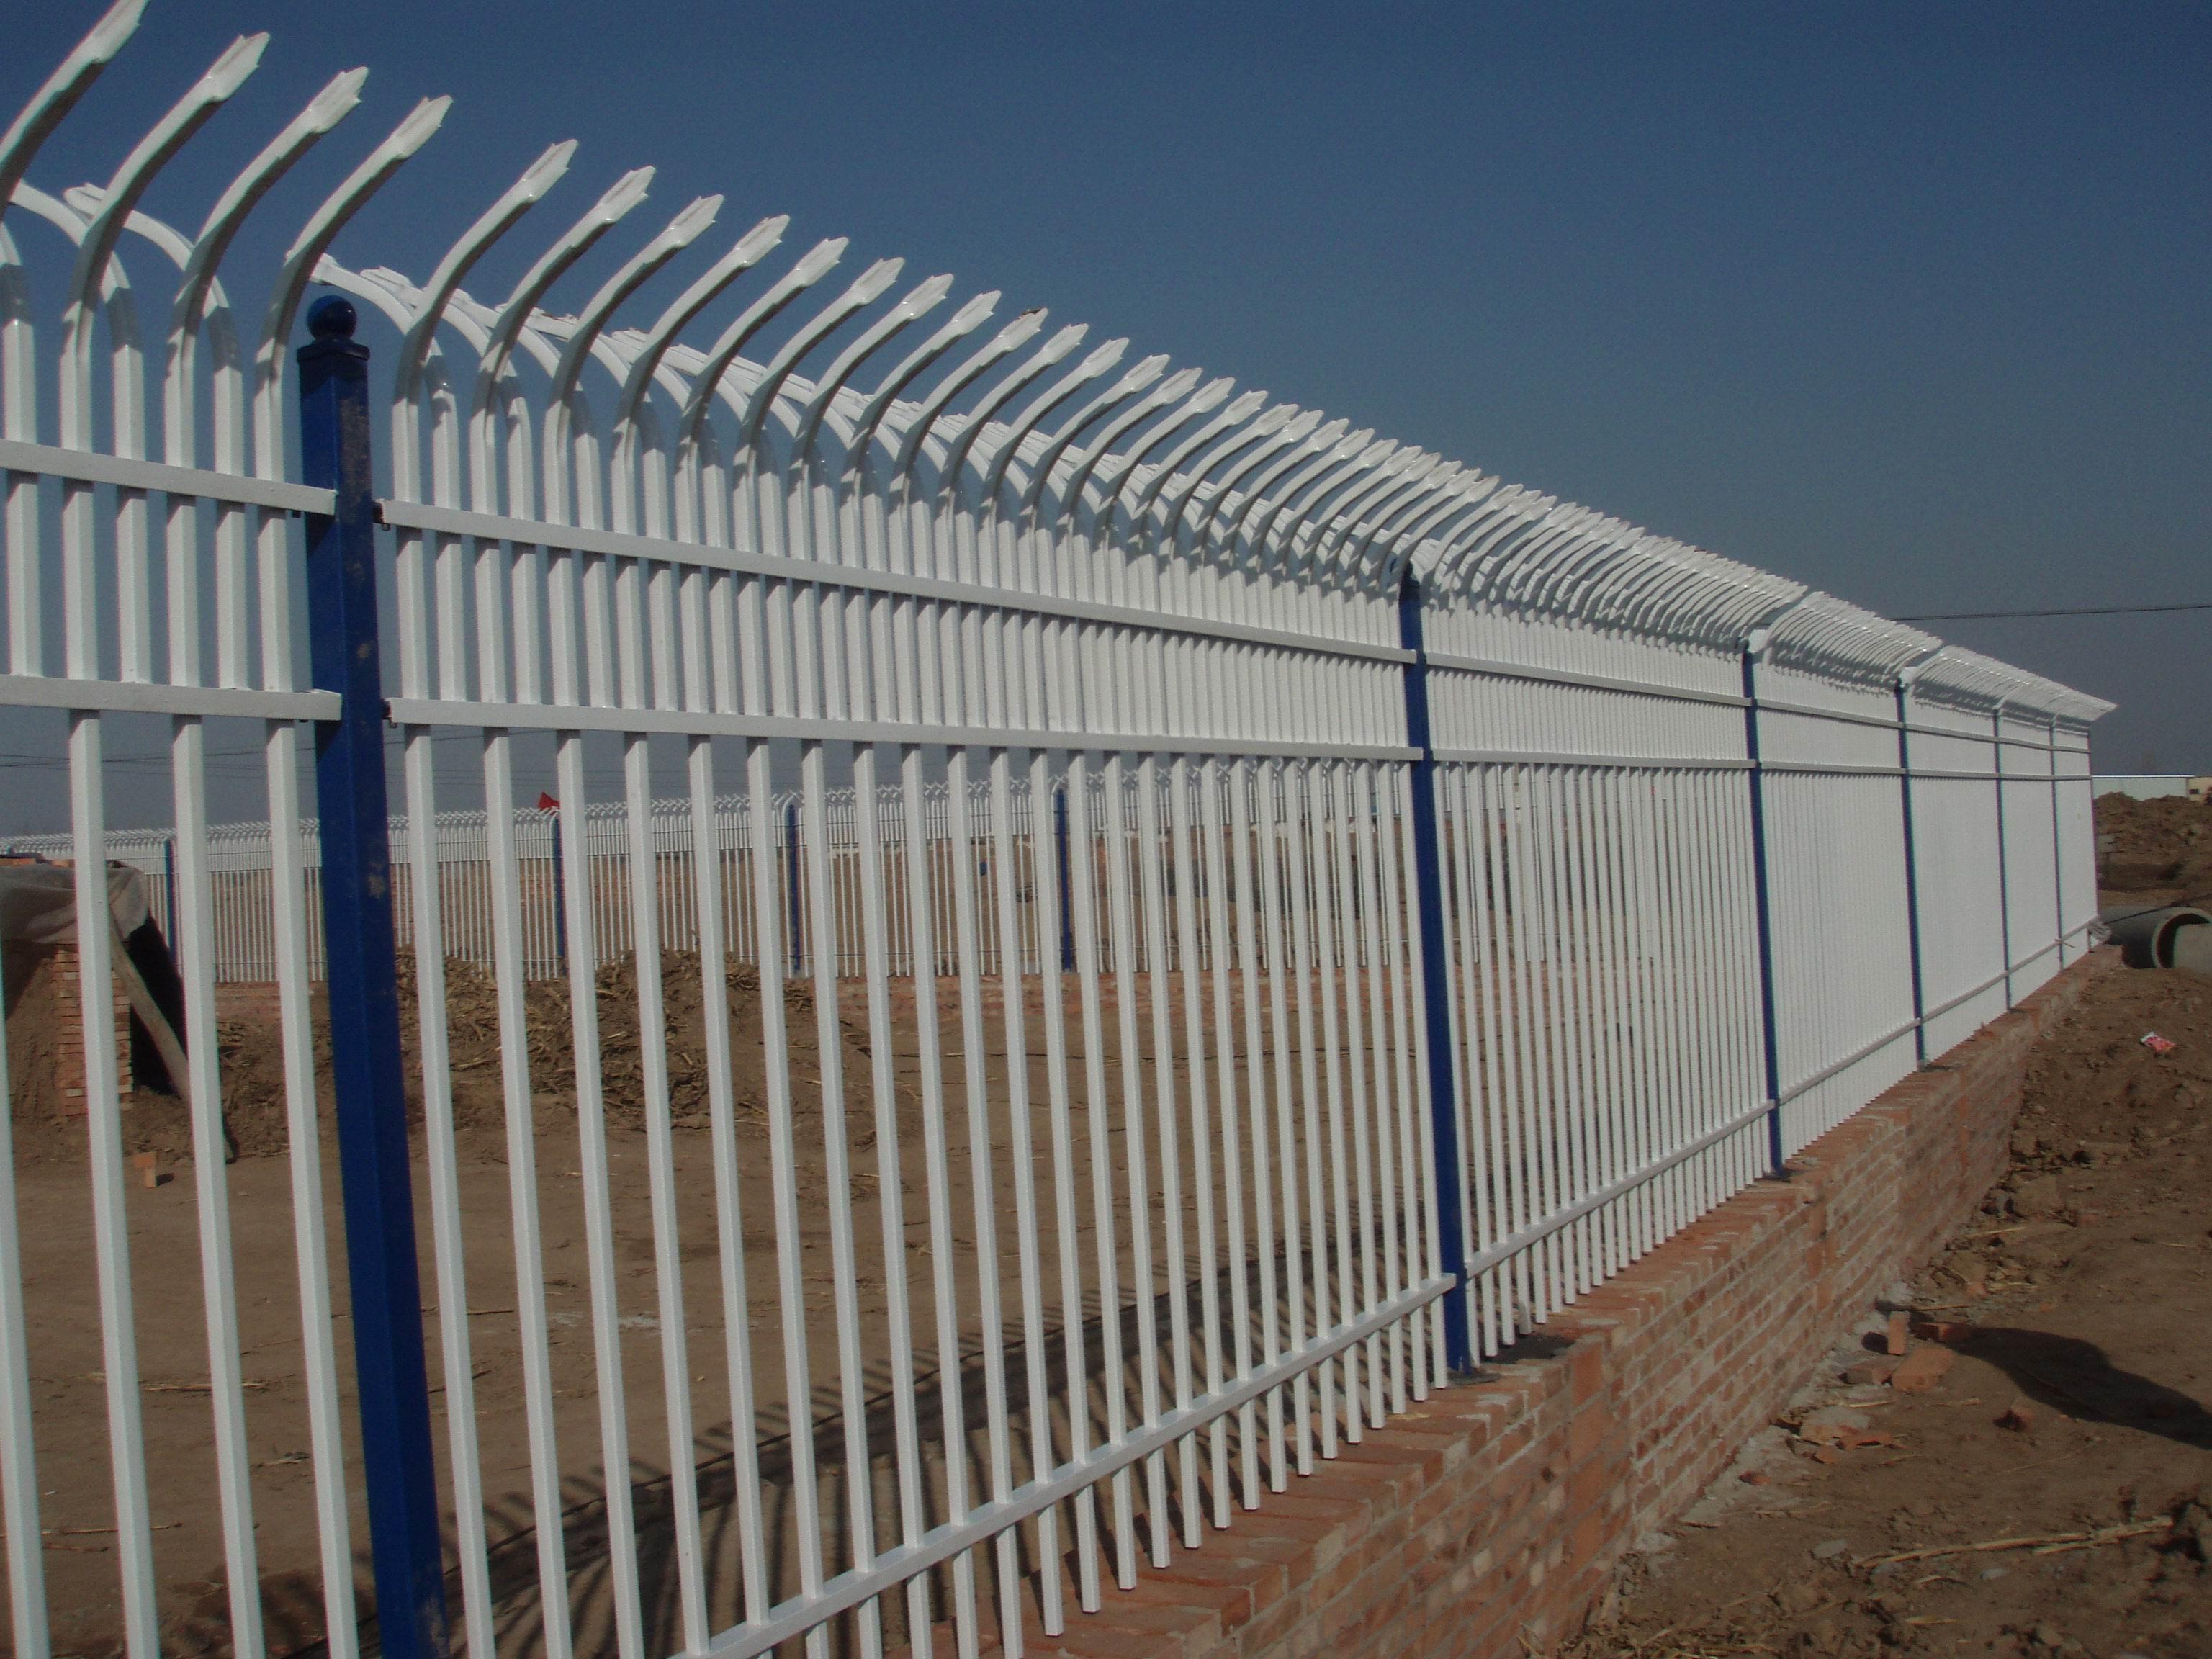 锌钢护栏生产厂家,合金护栏,铁艺护栏,围栏,衡水锌钢护栏生产厂家